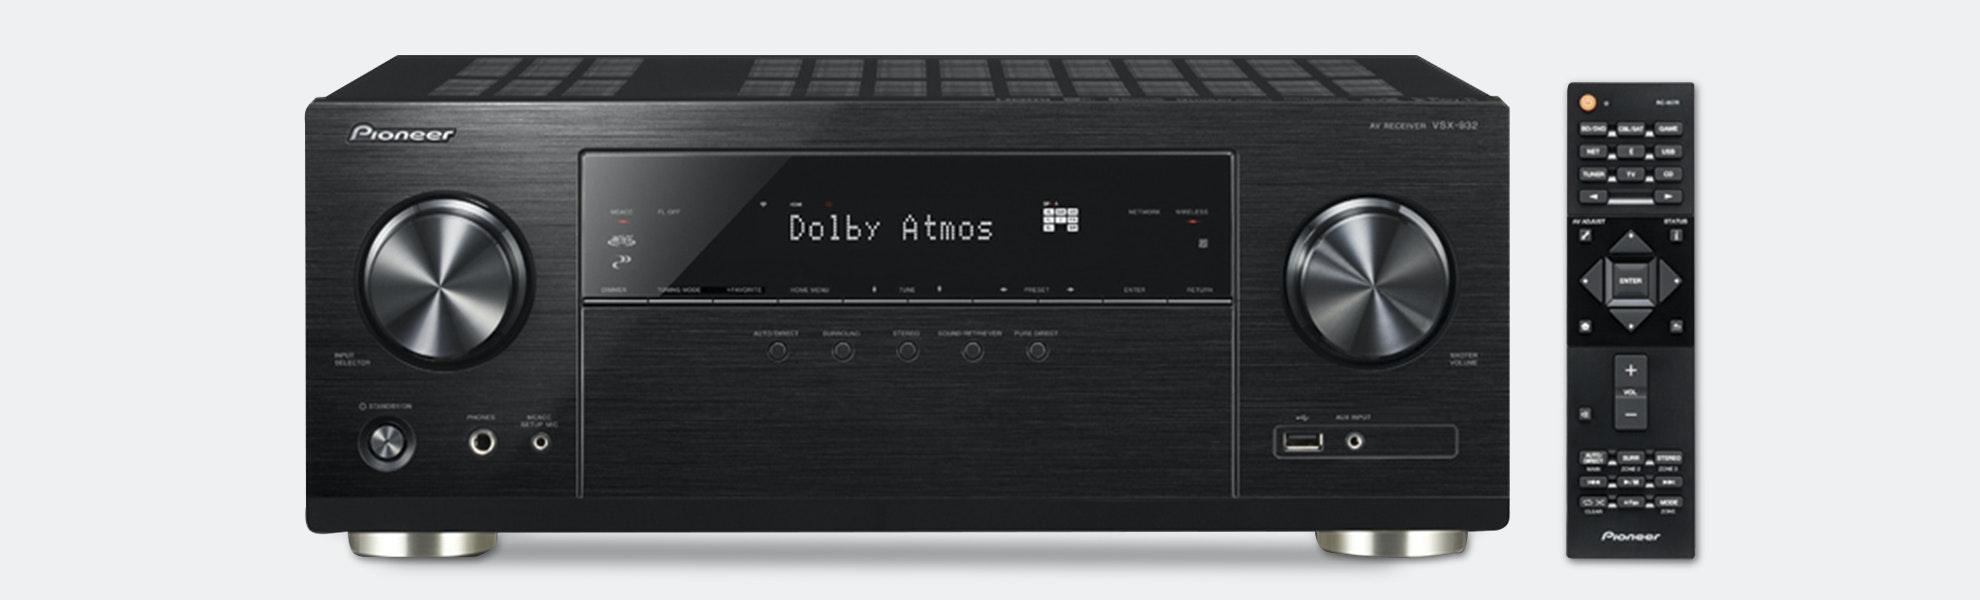 Pioneer VSX-932 7.2ch 4K UHD Network AV Receiver